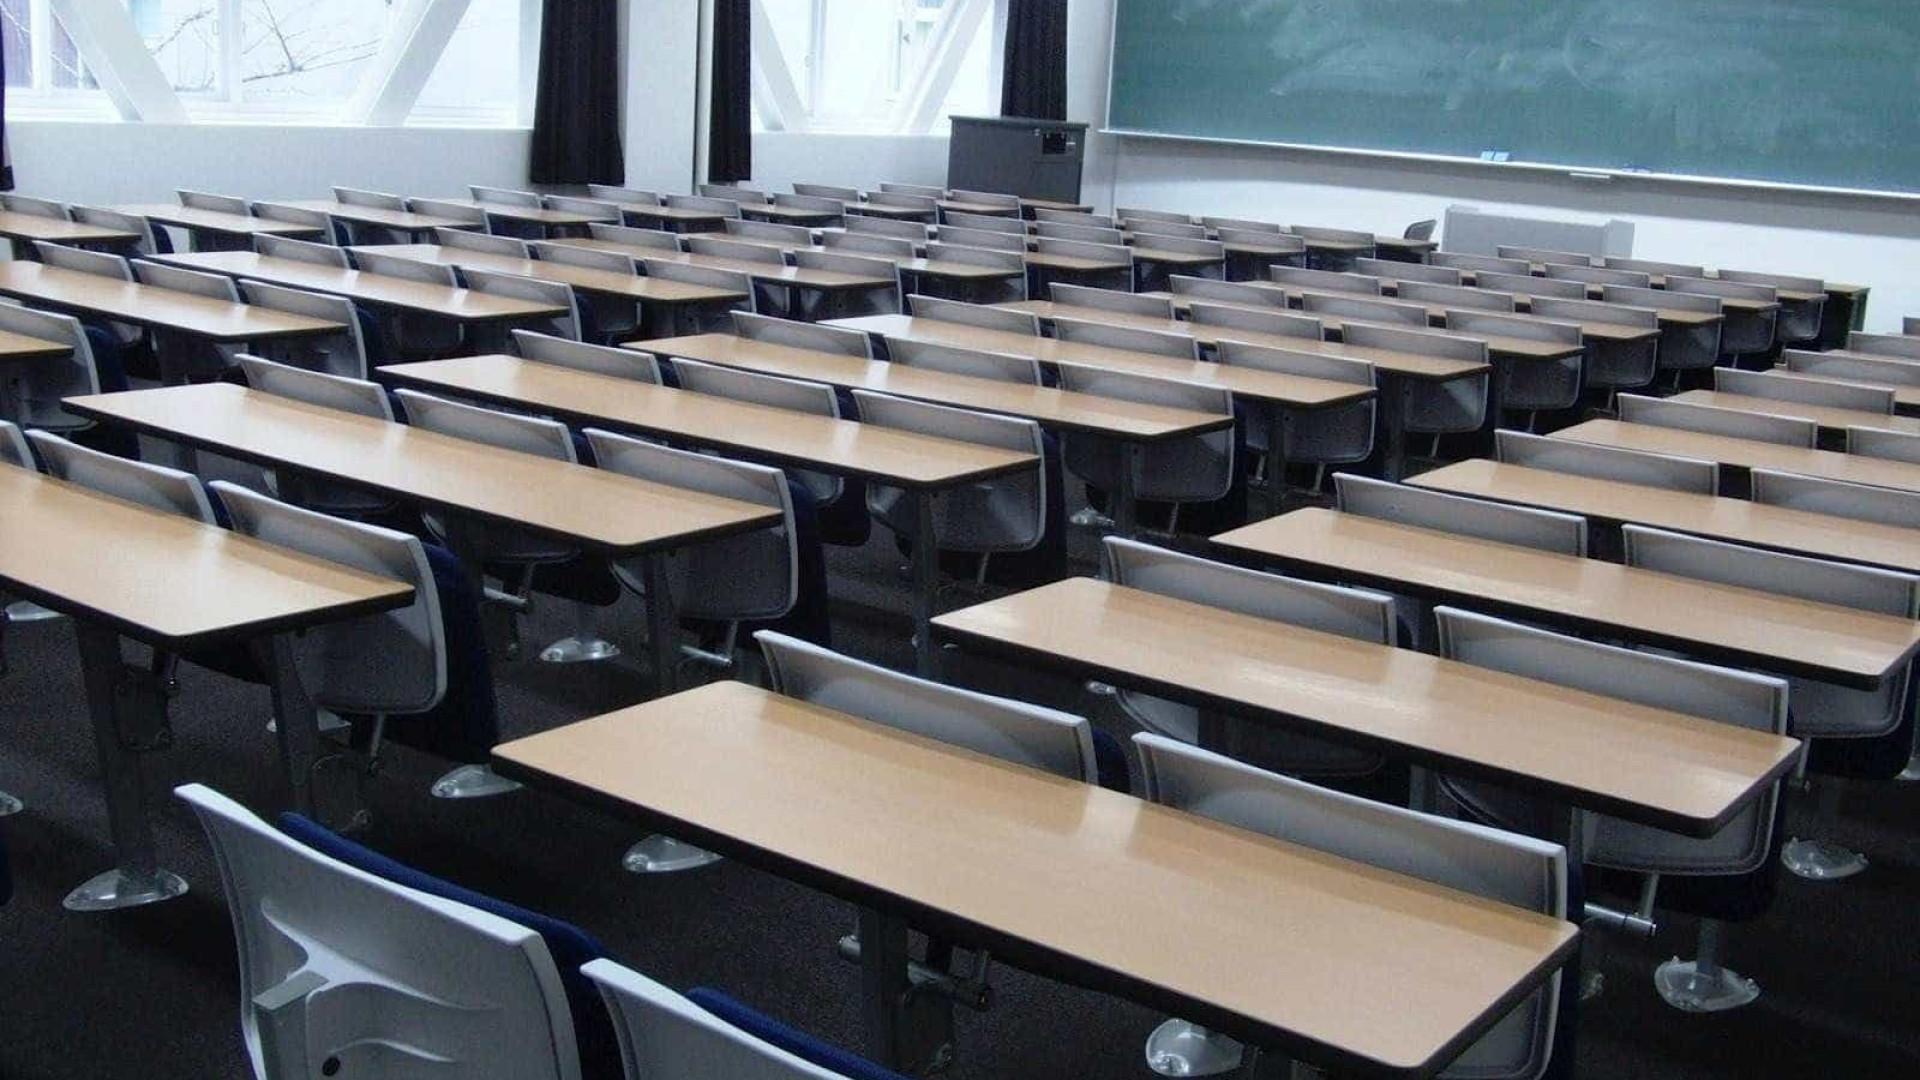 TO: prédio escolar reformado com ajuda de alunos é o melhor do mundo